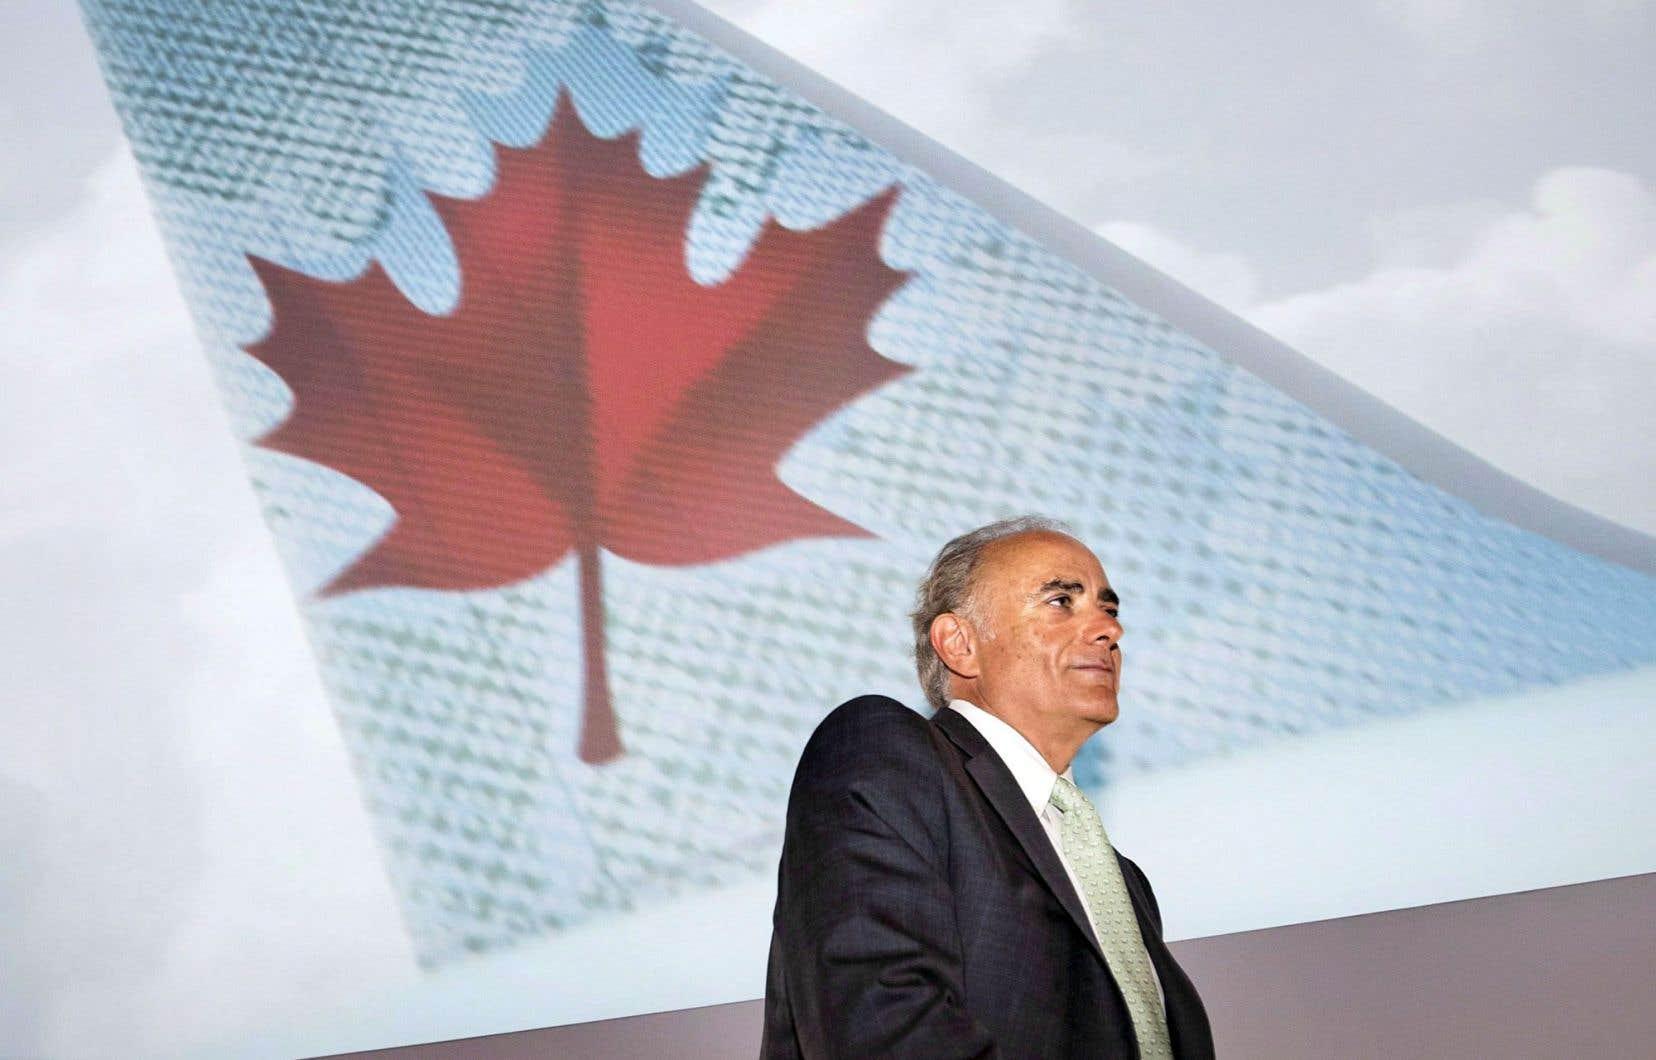 Calin Rovinescu, président d'Air Canada, s'est plaint des restrictions très uniques subies par l'entreprise depuis sa privatisation il y a près de 30ans, des restrictions concernant l'entretien des appareils, en plus d'autres restrictions.